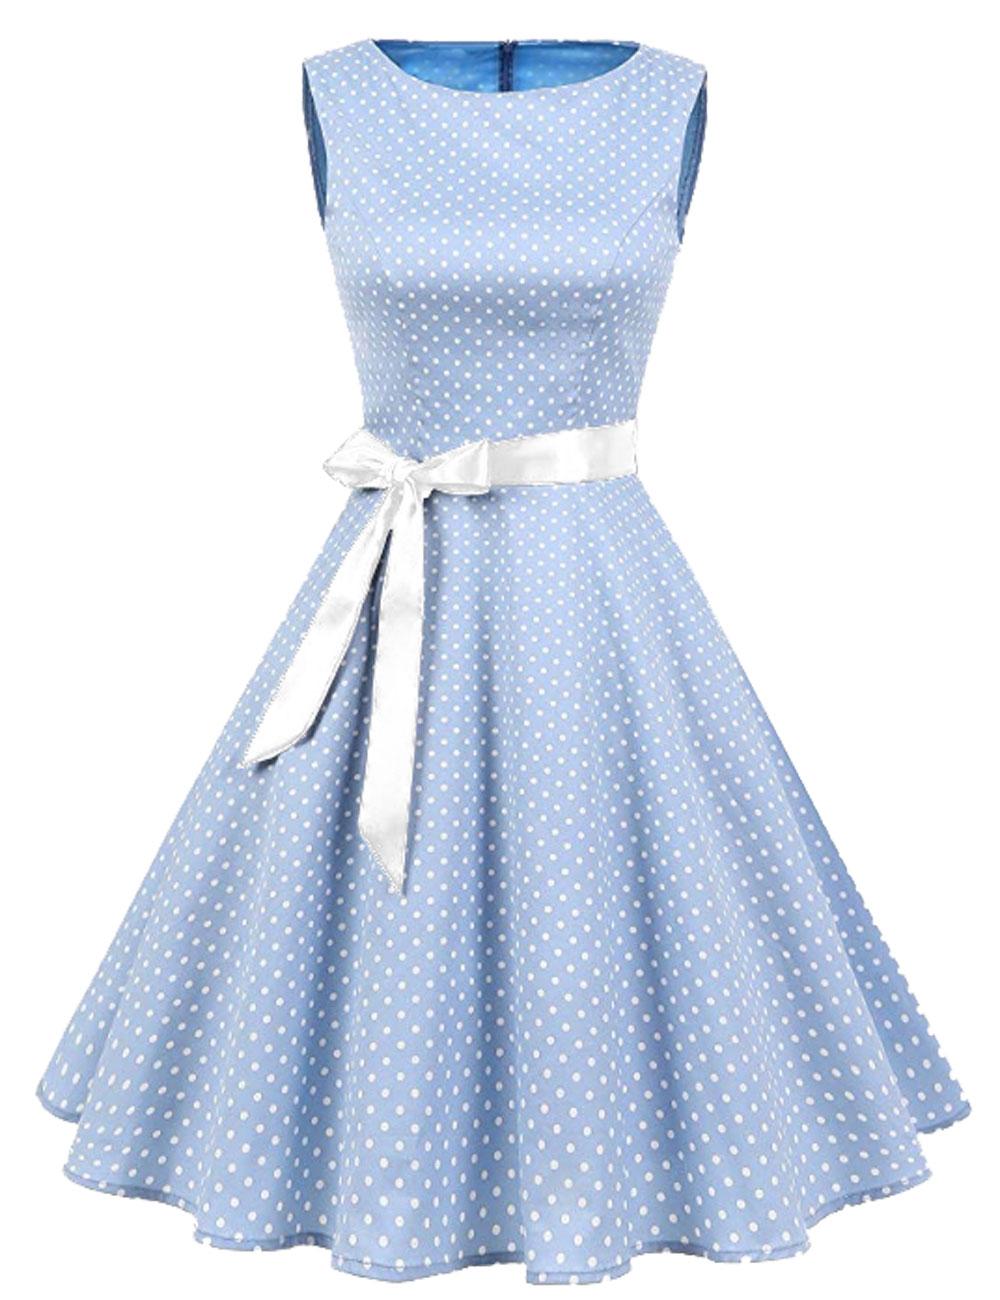 details zu damen rockabilly kleid petticoat partykleid cocktailkleid neu  gr. 38-50 (k1)